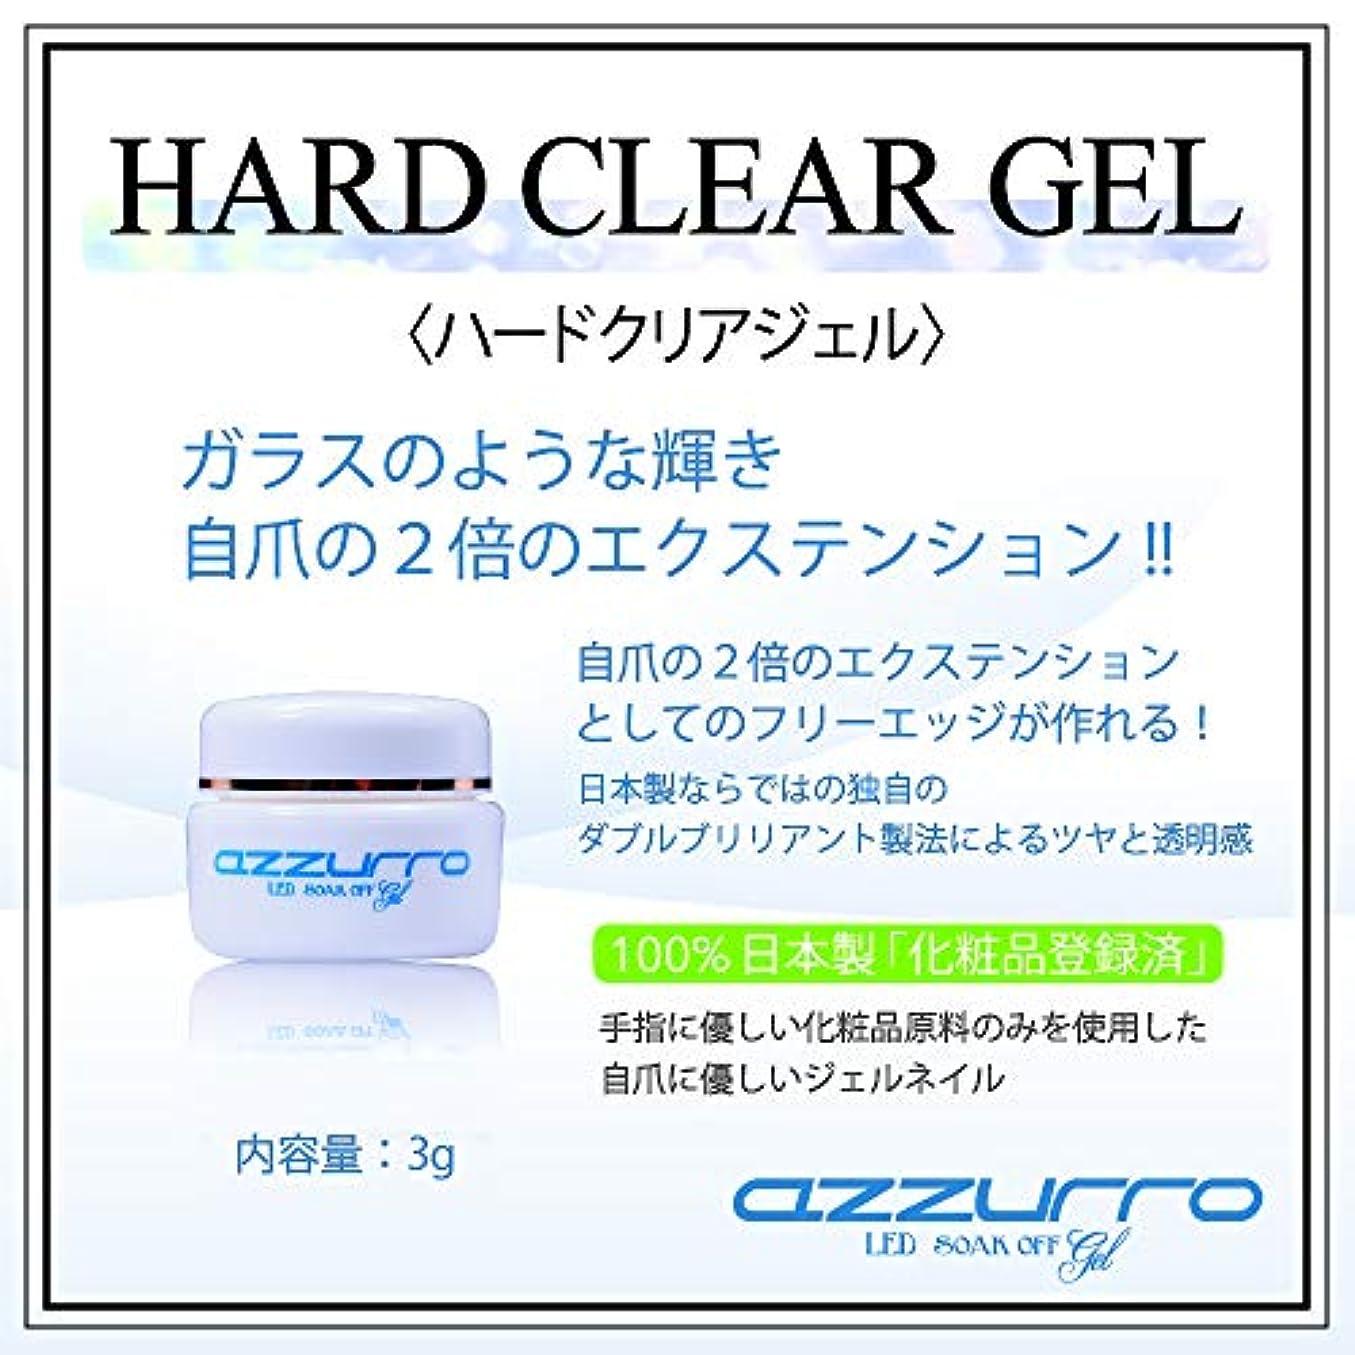 比喩どきどき精巧なazzurro gel アッズーロハードクリアージェル 3g ツヤツヤ キラキラ感持続 抜群のツヤ